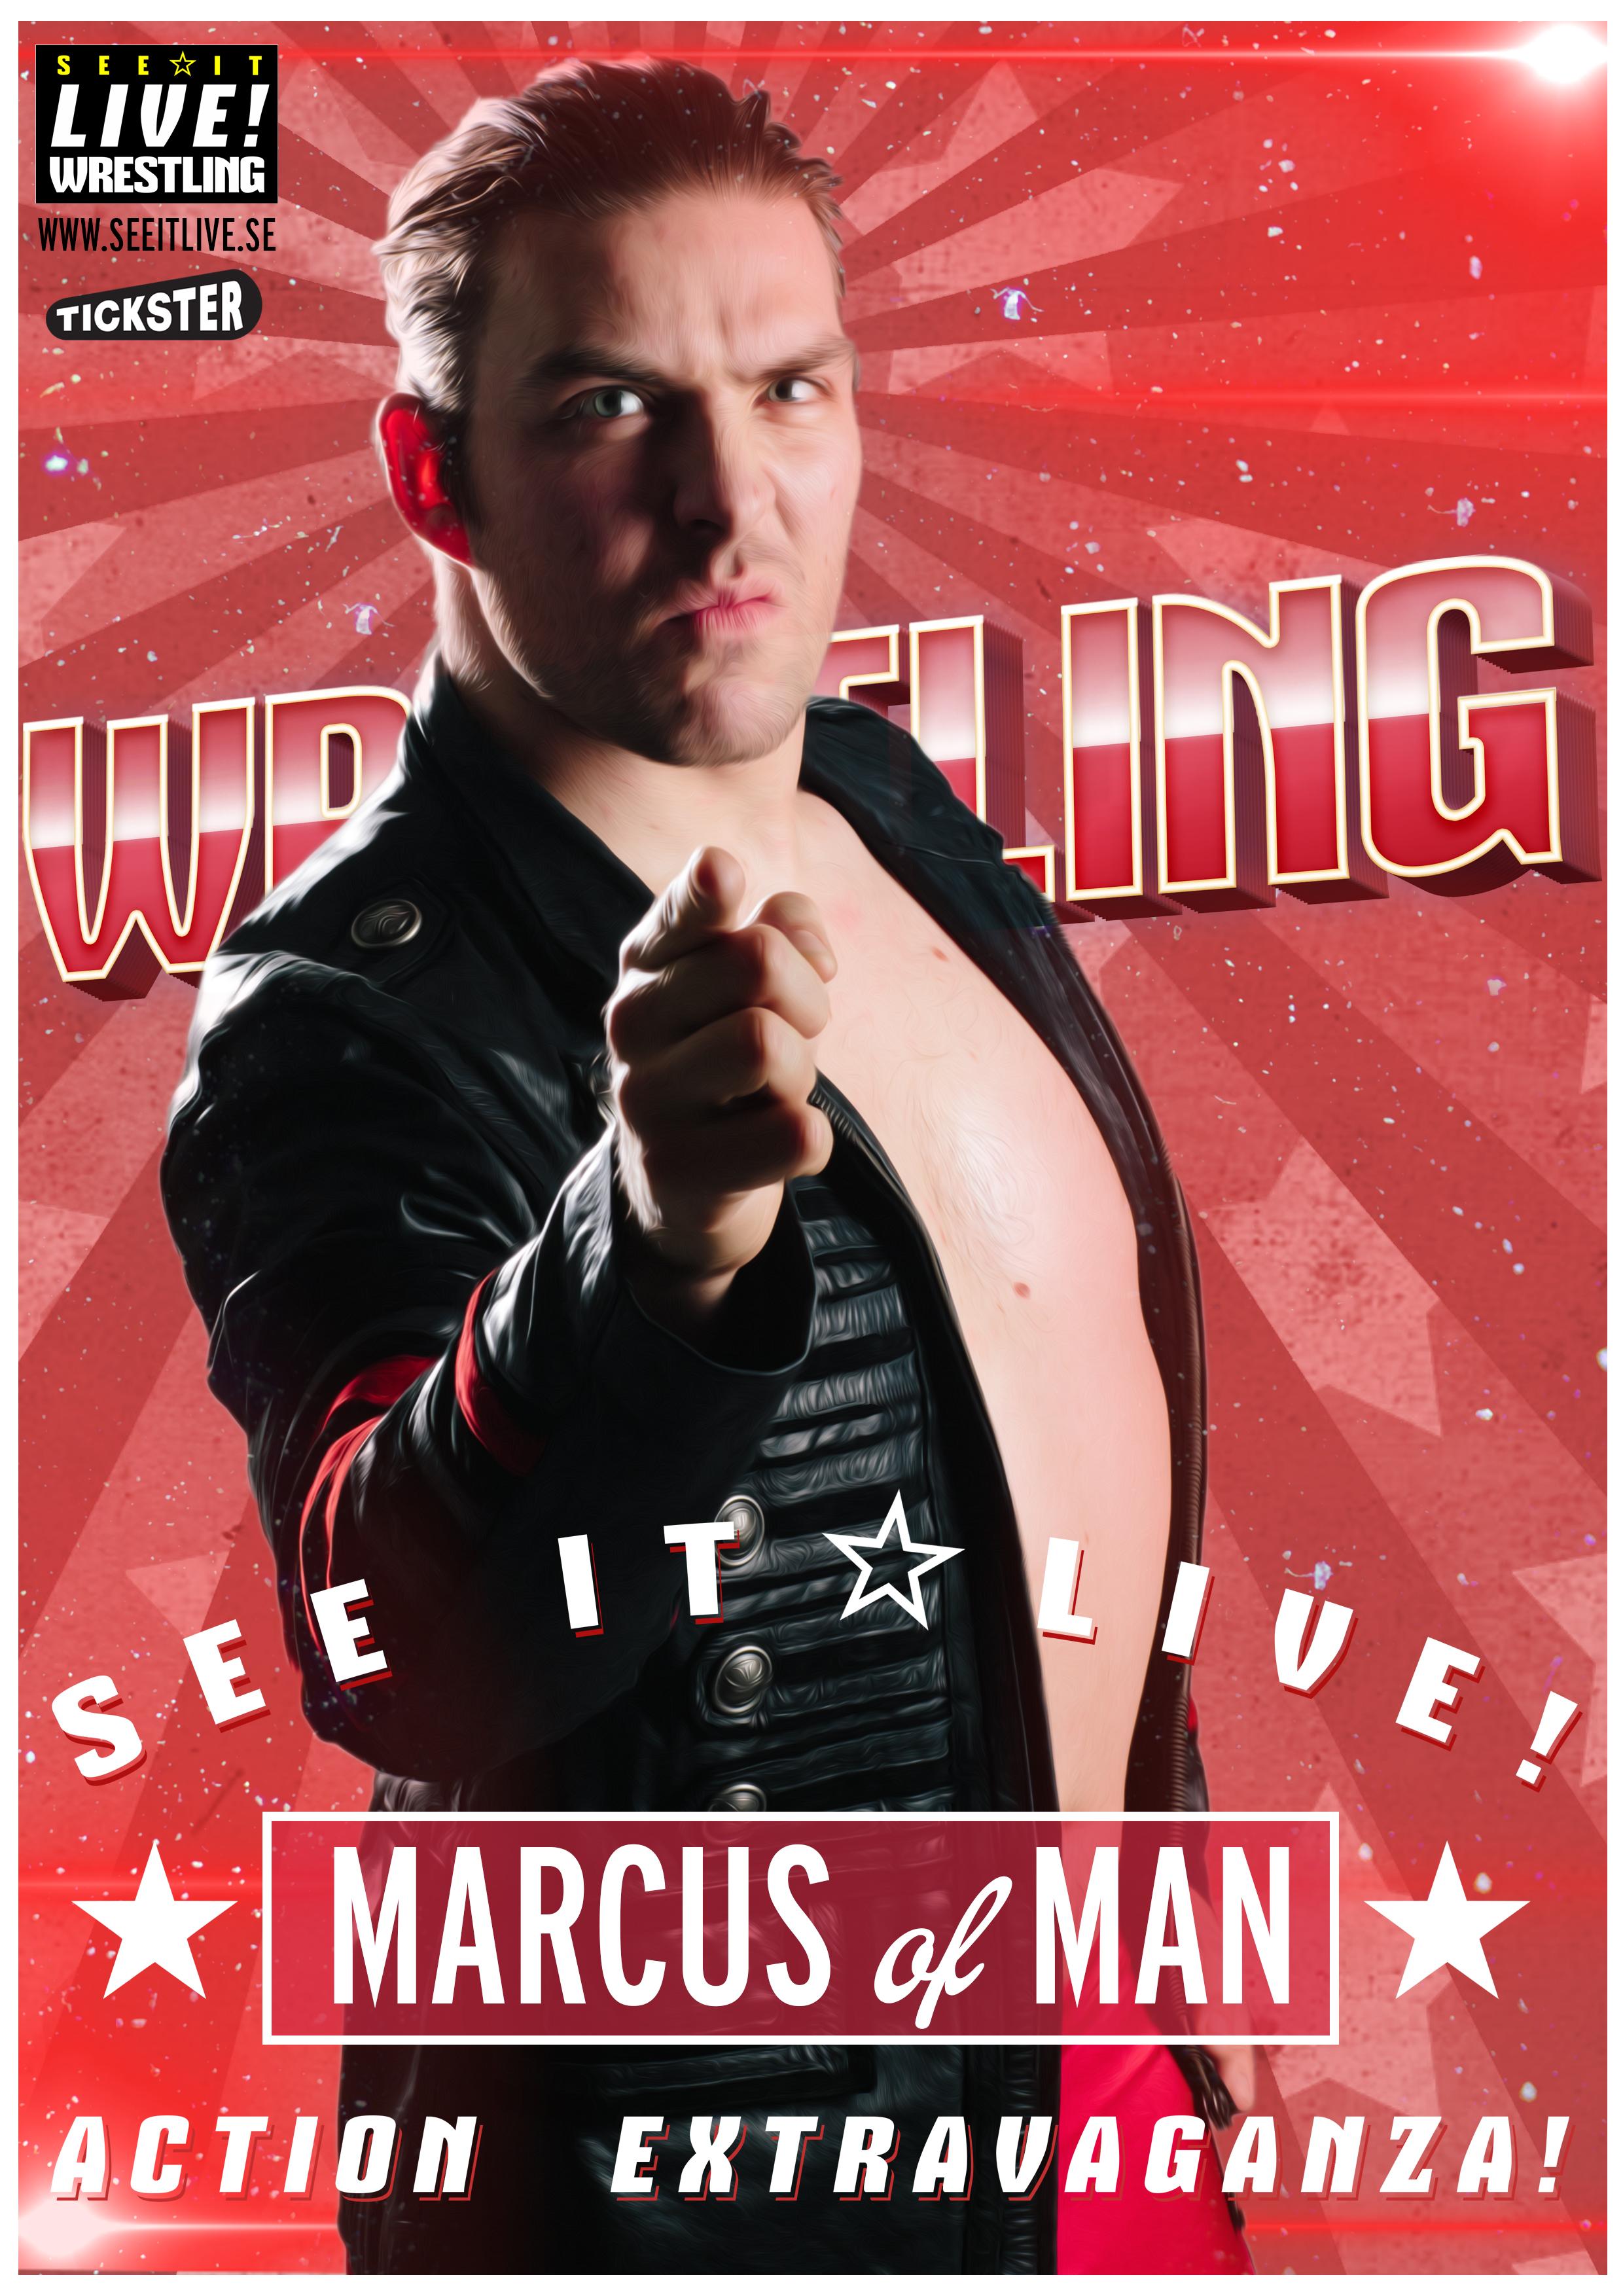 Marcus of Man